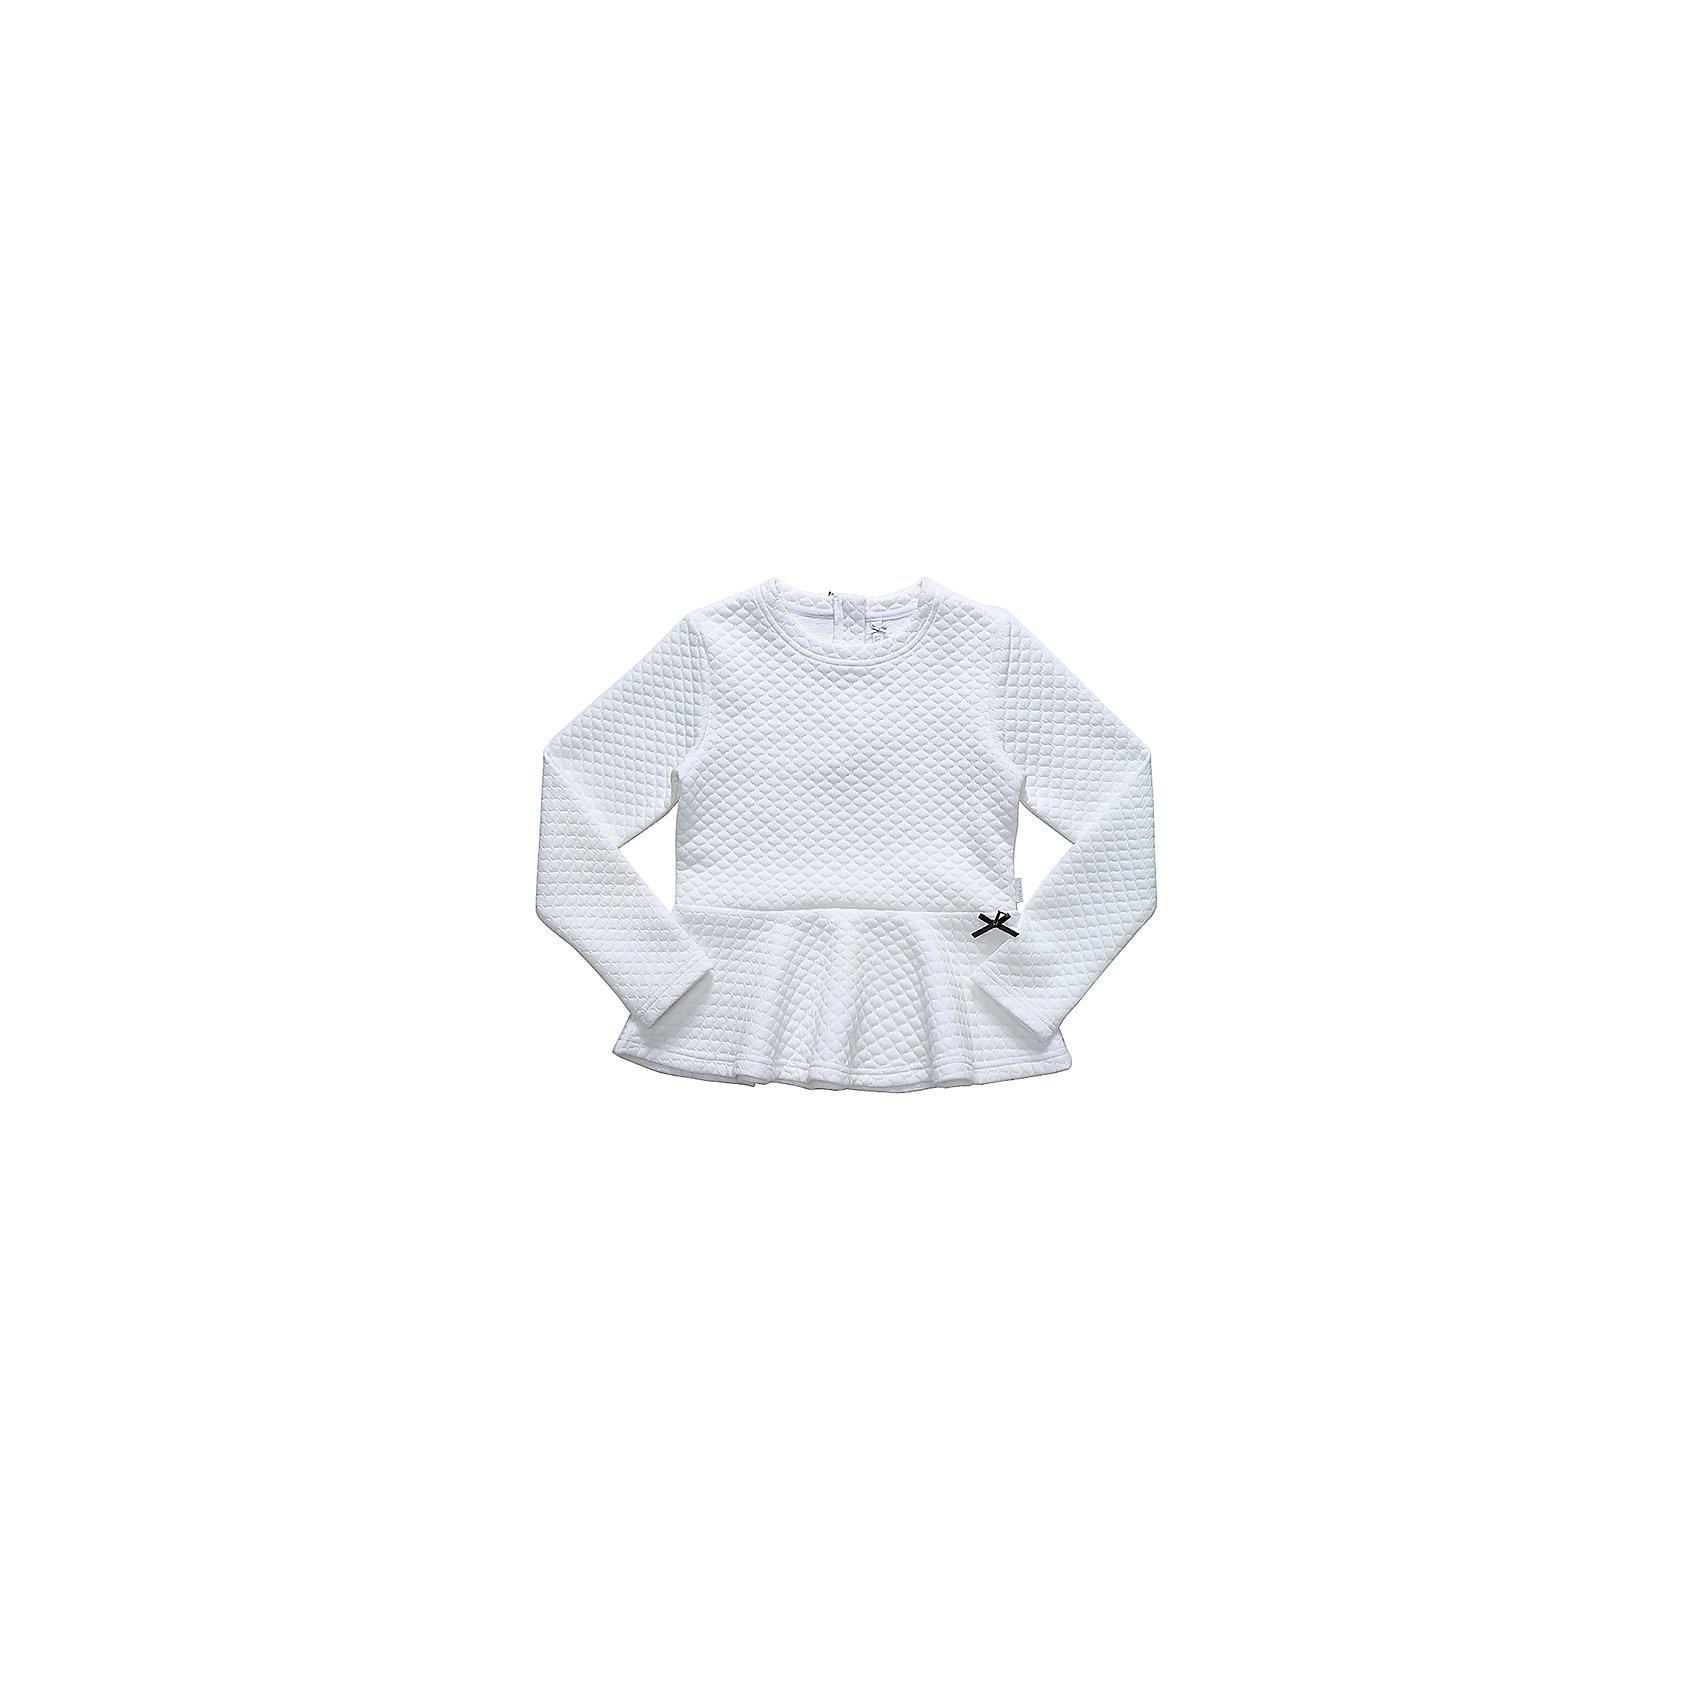 Блузка для девочки LuminosoБлузки и рубашки<br>Характеристики товара:<br><br>• цвет: белый;<br>• состав: 65% хлопок 35% полиэстер;<br>• сезон: демисезон;<br>• особенности: школьная, однотонная;<br>• с длинным рукавом:<br>• декорирована баской;<br>• страна бренда: Россия;<br>• страна производства: Китай.<br><br>Школьная блузка с длинным рукавом для девочки. Белая блузка декорирована баской.<br><br>Блузка для девочки Luminoso (Люминосо) можно купить в нашем интернет-магазине.<br><br>Ширина мм: 186<br>Глубина мм: 87<br>Высота мм: 198<br>Вес г: 197<br>Цвет: белый<br>Возраст от месяцев: 120<br>Возраст до месяцев: 132<br>Пол: Женский<br>Возраст: Детский<br>Размер: 146,164,122,128,134,140,152,158<br>SKU: 6672869